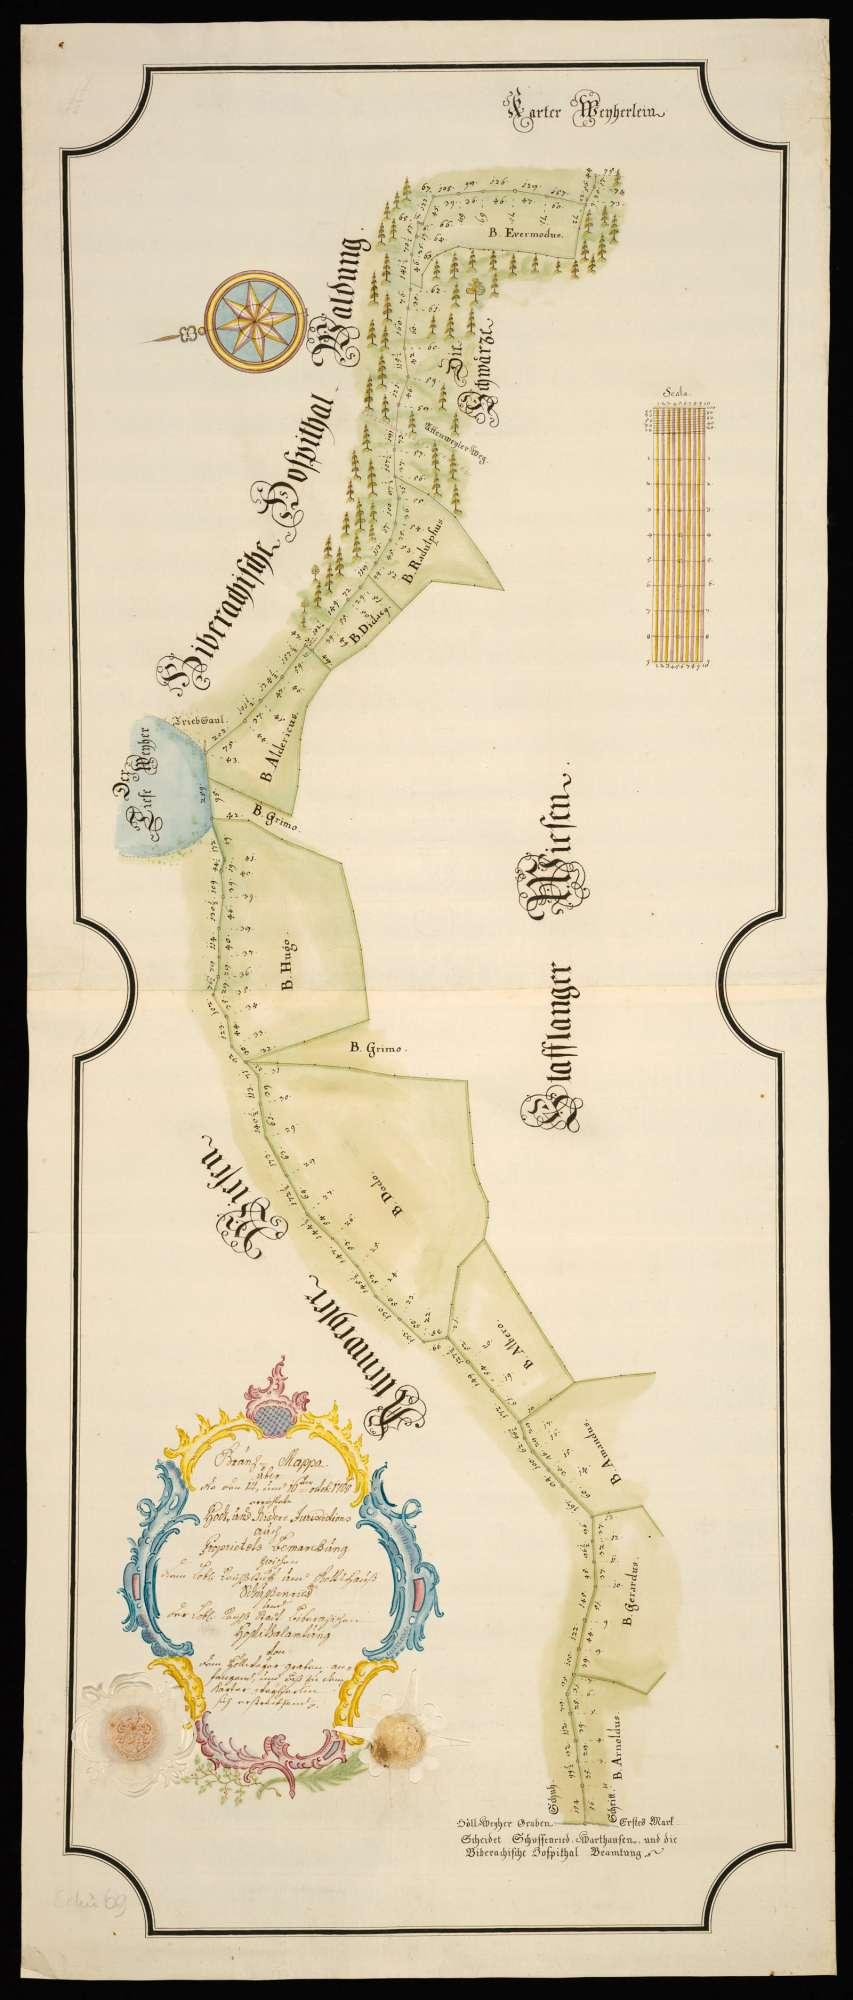 """Schammach """"Gränz-Mappa über die den 14. und 16. October 1768 errichtete Hoch- und Niedere Jurisdictions- auch Proprietaets-Bemarckung zwischen dem Löbl. Reichsstüfft und Gottshauß Schussenried und der Löbl. Reichß-Stadt Biberachischen Hospitalamtung von dem Höllweyergraben anfangend biß zu dem Karter-Weyherlin sich erstreckend"""", Bild 2"""